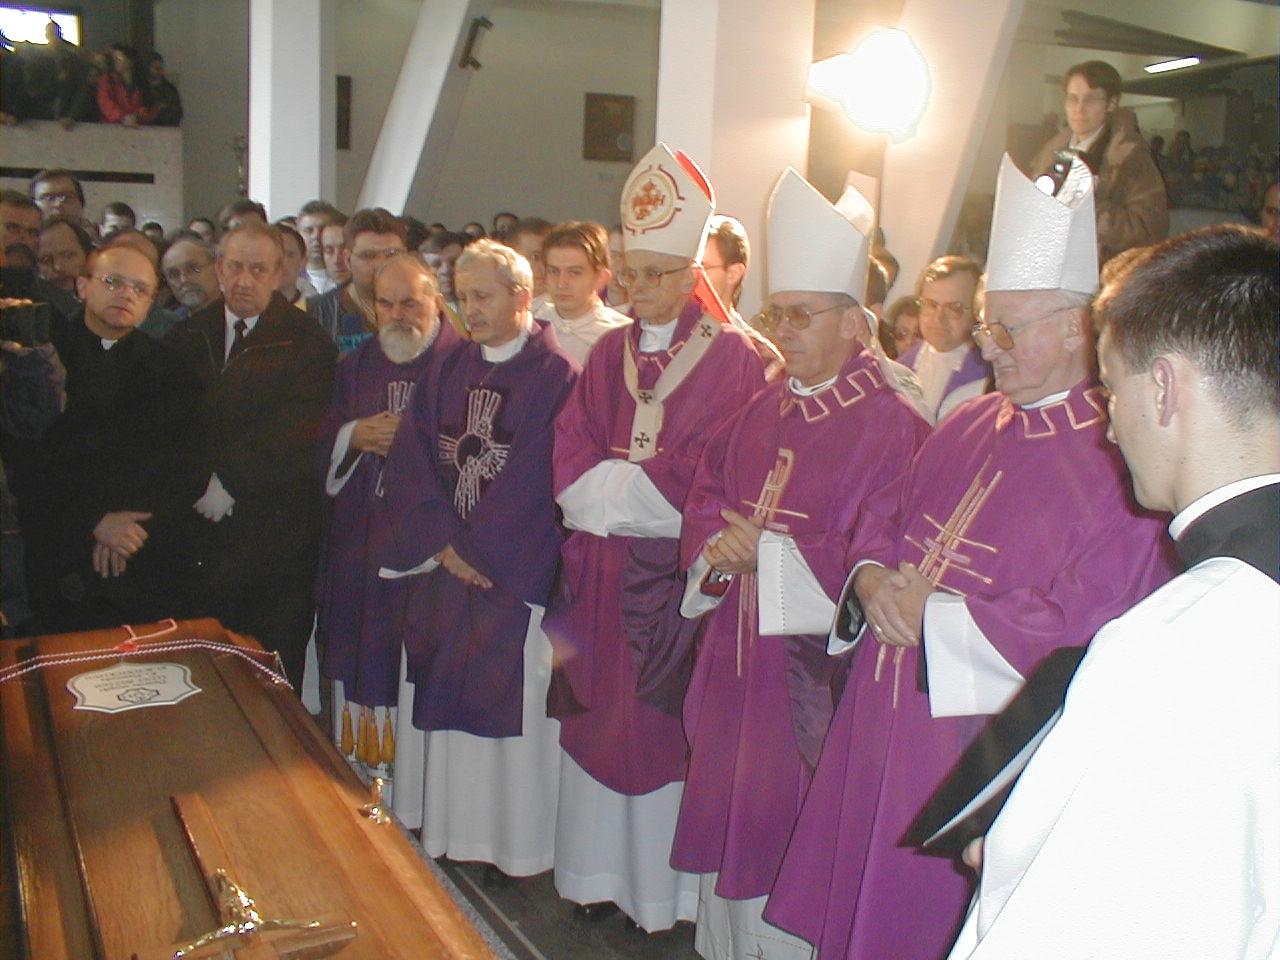 1 kwietnia 2000 r., Krościenko, Poświęcenie i okadzenie trumny i przeniesienie jej do dolnego kościoła. Na zdjęciu: kard. F. Macharski, bp J. Zimniak i bp W. Skworc